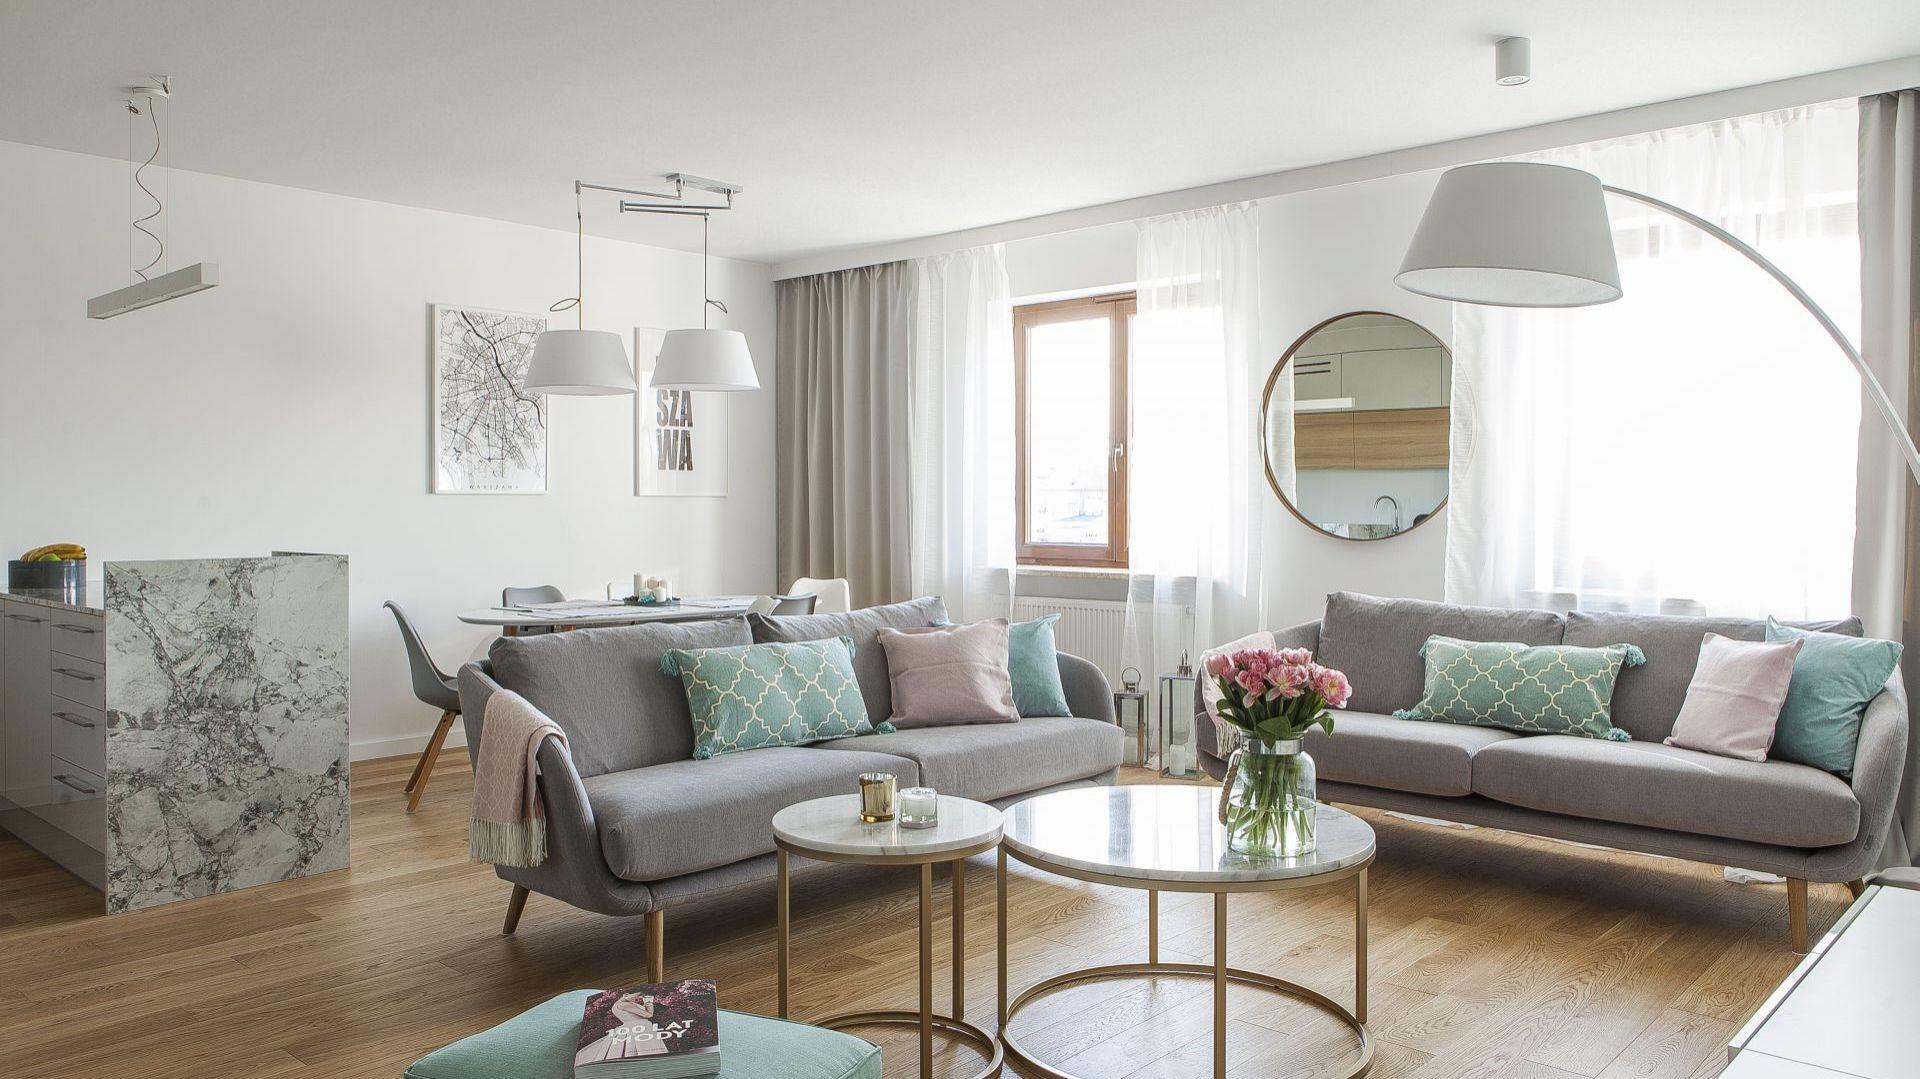 W salonie królują dodatki w spokojnych, pastelowych kolorach. Projekt: Anna Nowak-Paziewska, MAFgroup. Fot. Emi Karpowicz